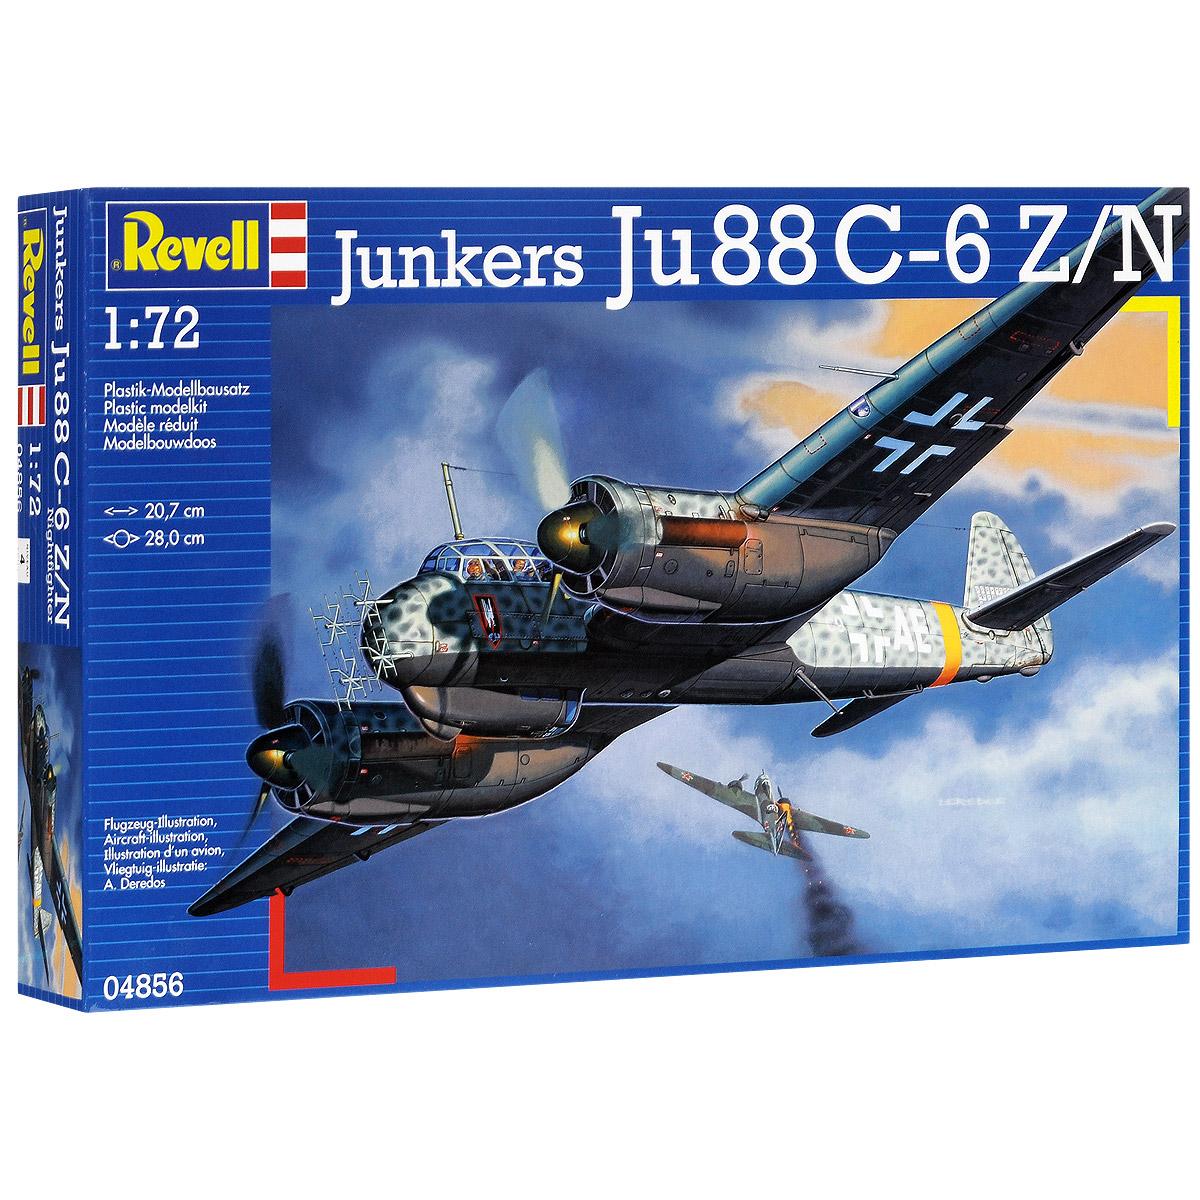 ������� ������ Revell ������� Junkers Ju 88 C-6 Z/N - Revell04856������� ������ Revell ������� Junkers Ju 88 C-6 Z/N ������� ��� � ������ ������� ��������� ������������� ������� �� ������ �����. ����� �������� � ���� 107 ����������� ���������, �� ������� ����� ������� ����������� ����������� ����� ������������ ��������. ������� Junkers Ju 88 C-6 Z/N ������ ���������� � ���� ������ ������� �����. ������������� ��� ��������������, ���������, ������������ � ������ �����������. �� ����� ��� ���� �������� ����� 15 ����� �����. ����� � ������ ����������� ���������� �� ������. ������� ������ ��������� ���������������� � ���������������� �����������, ����������� � �������������� ��������, � ����� ��������� ������������ ������ ������ �� ������� � ���������. ������� ���������: 4. ��������� �������! �������� ���� �������� �� ��� ����, ��� �������� ��� ������ �� ���������. ���� � ������ � �������� �� ������.